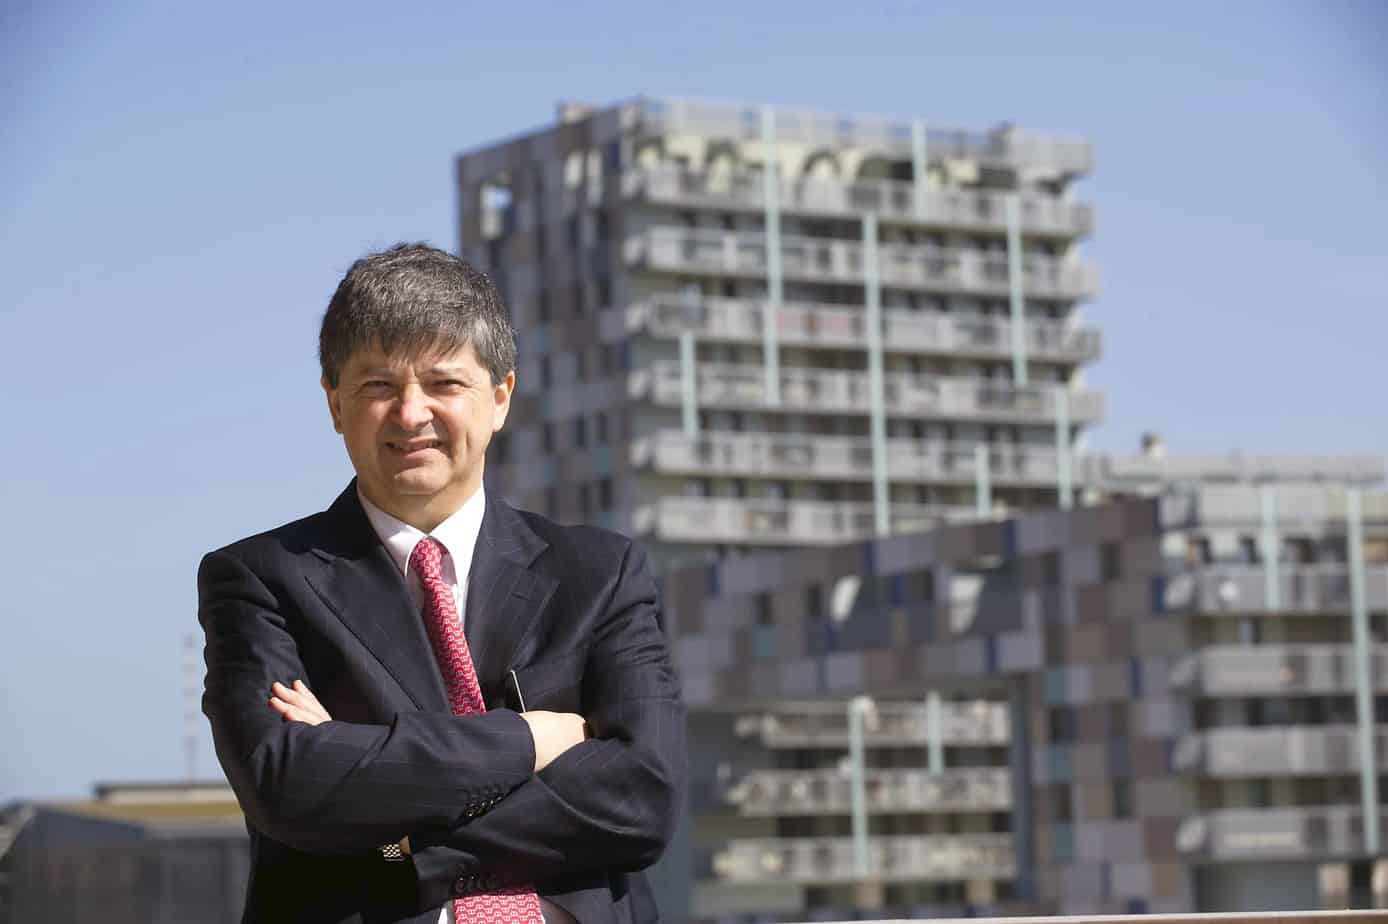 L'Ing. Galliano Di Marco, Presidente dell'Autorità Portuale di Ravenna